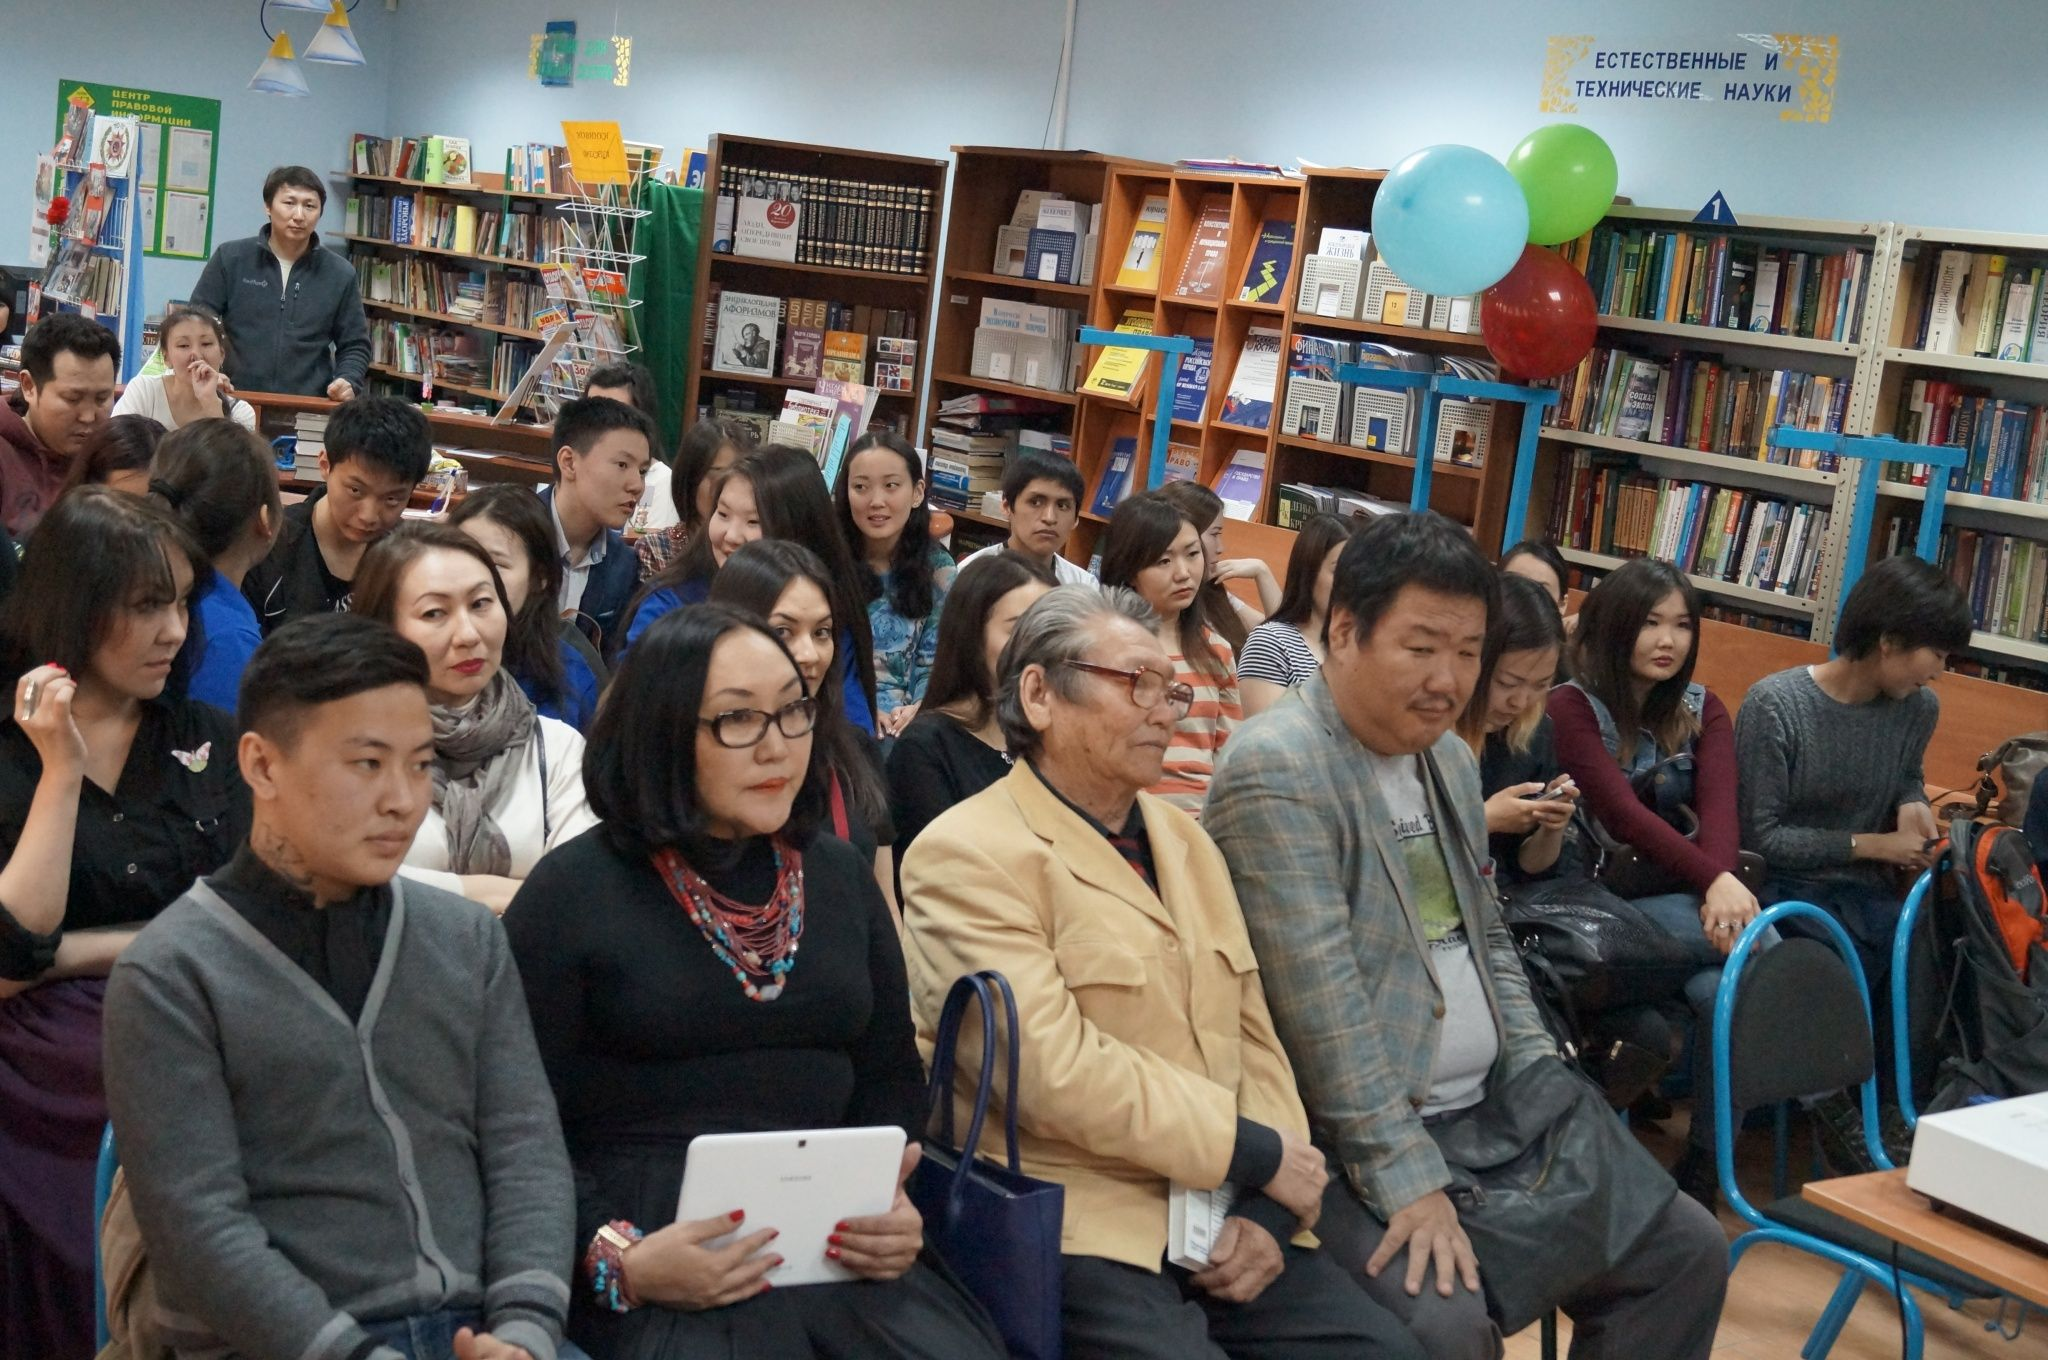 Литературная Якутия и встречи в библиотеке